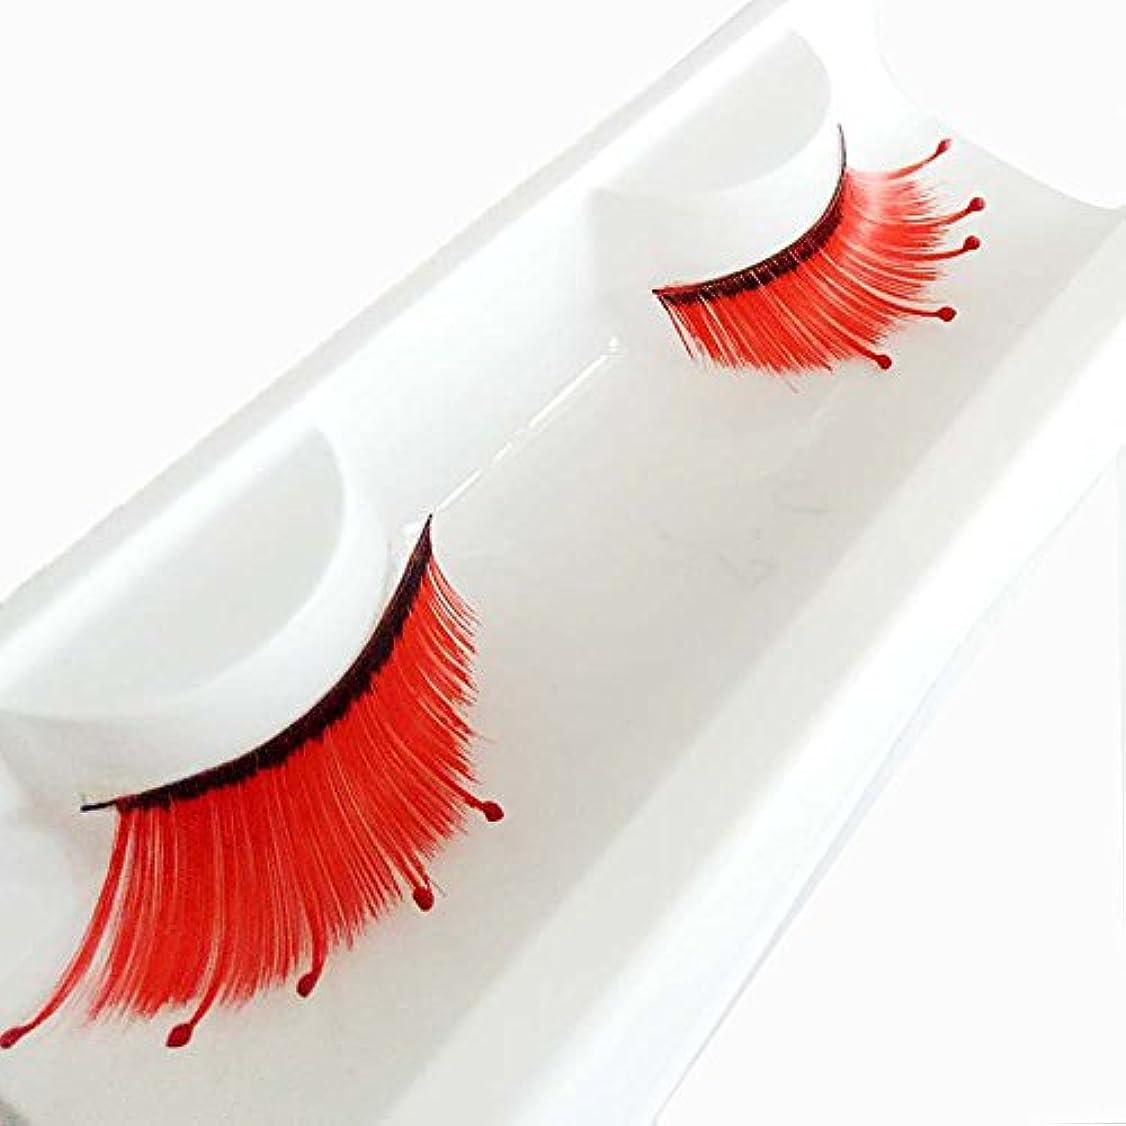 上昇出します縫うつけまつ毛 人気 Kohore つけまつげ ナチュラル 人気 極薄高級繊維 付けまつげ 舞台 つけまつ毛 長い 濃密 赤 ハロウィン コスプレ 1ペア おすすめ 3D 高級ミンクつけまつげ 上まつげ用 パーティー アイラッシュ